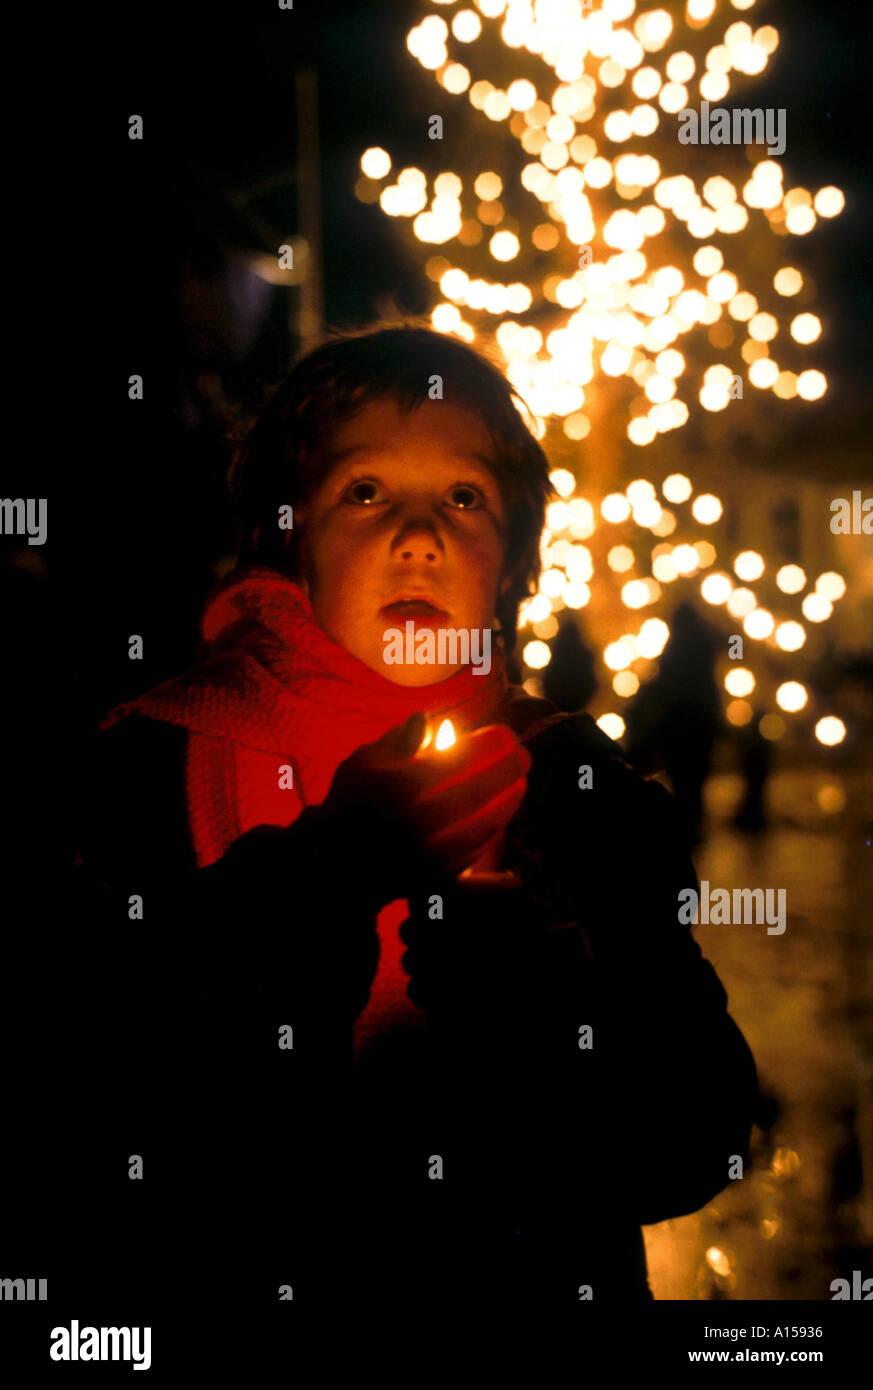 Junges Kind Weihnachten singen Weihnachtslieder Trafalgar Square ...